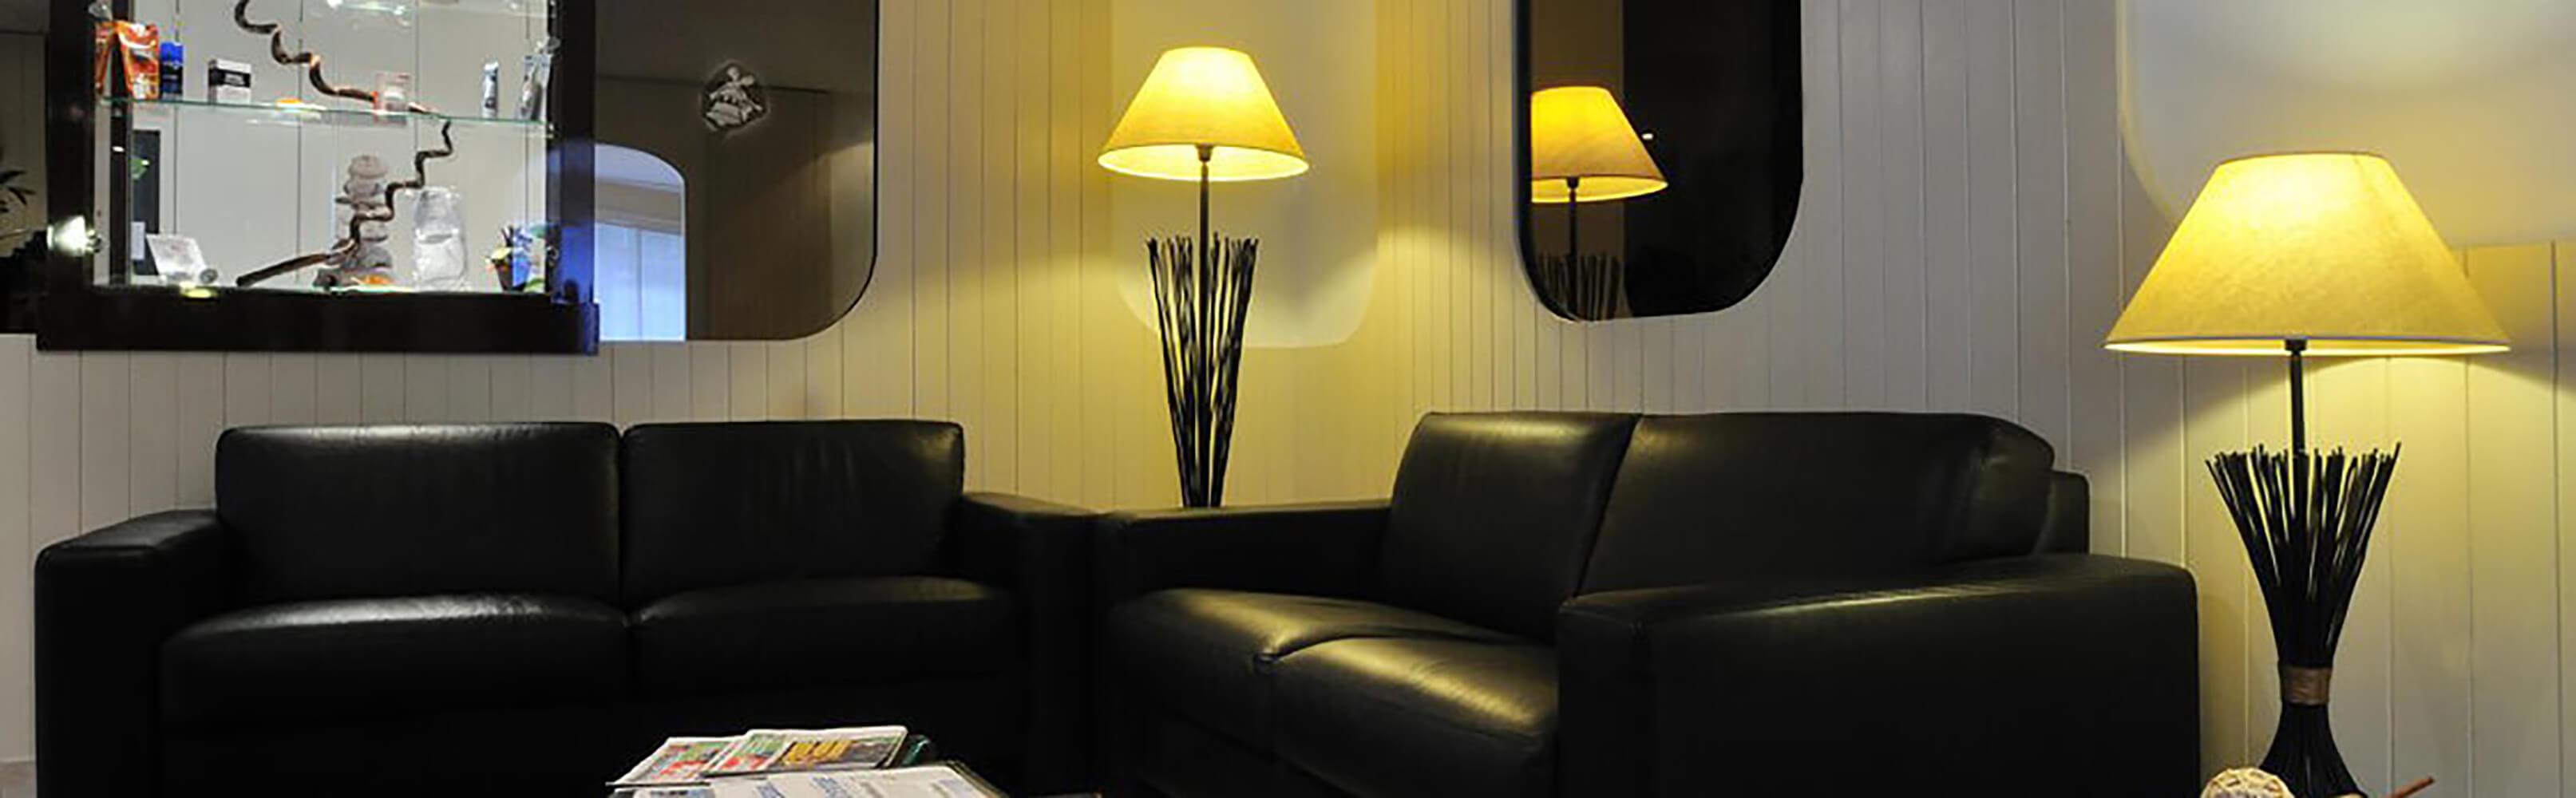 Klein, fein und sehr persönlich! Hotel Balegra Basel 1